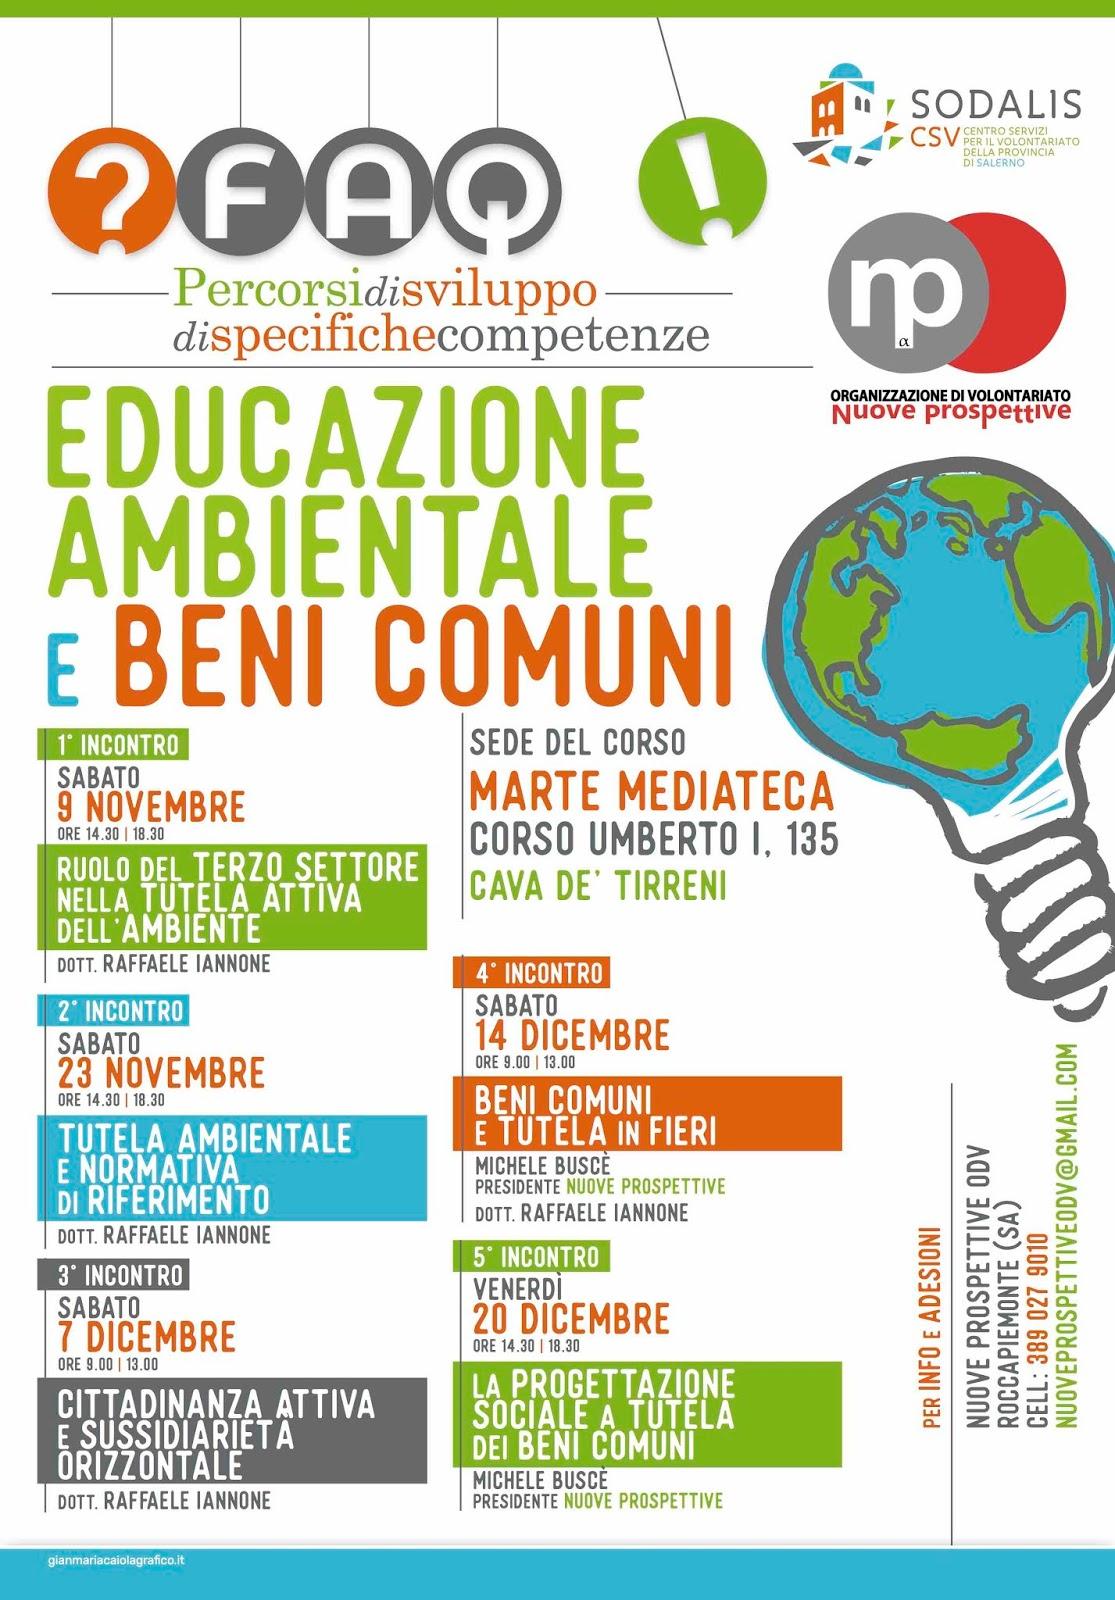 Locandina Educazione Ambientale e Beni Comuni - Organizzazione di Volontariato Nuove Prospettive.